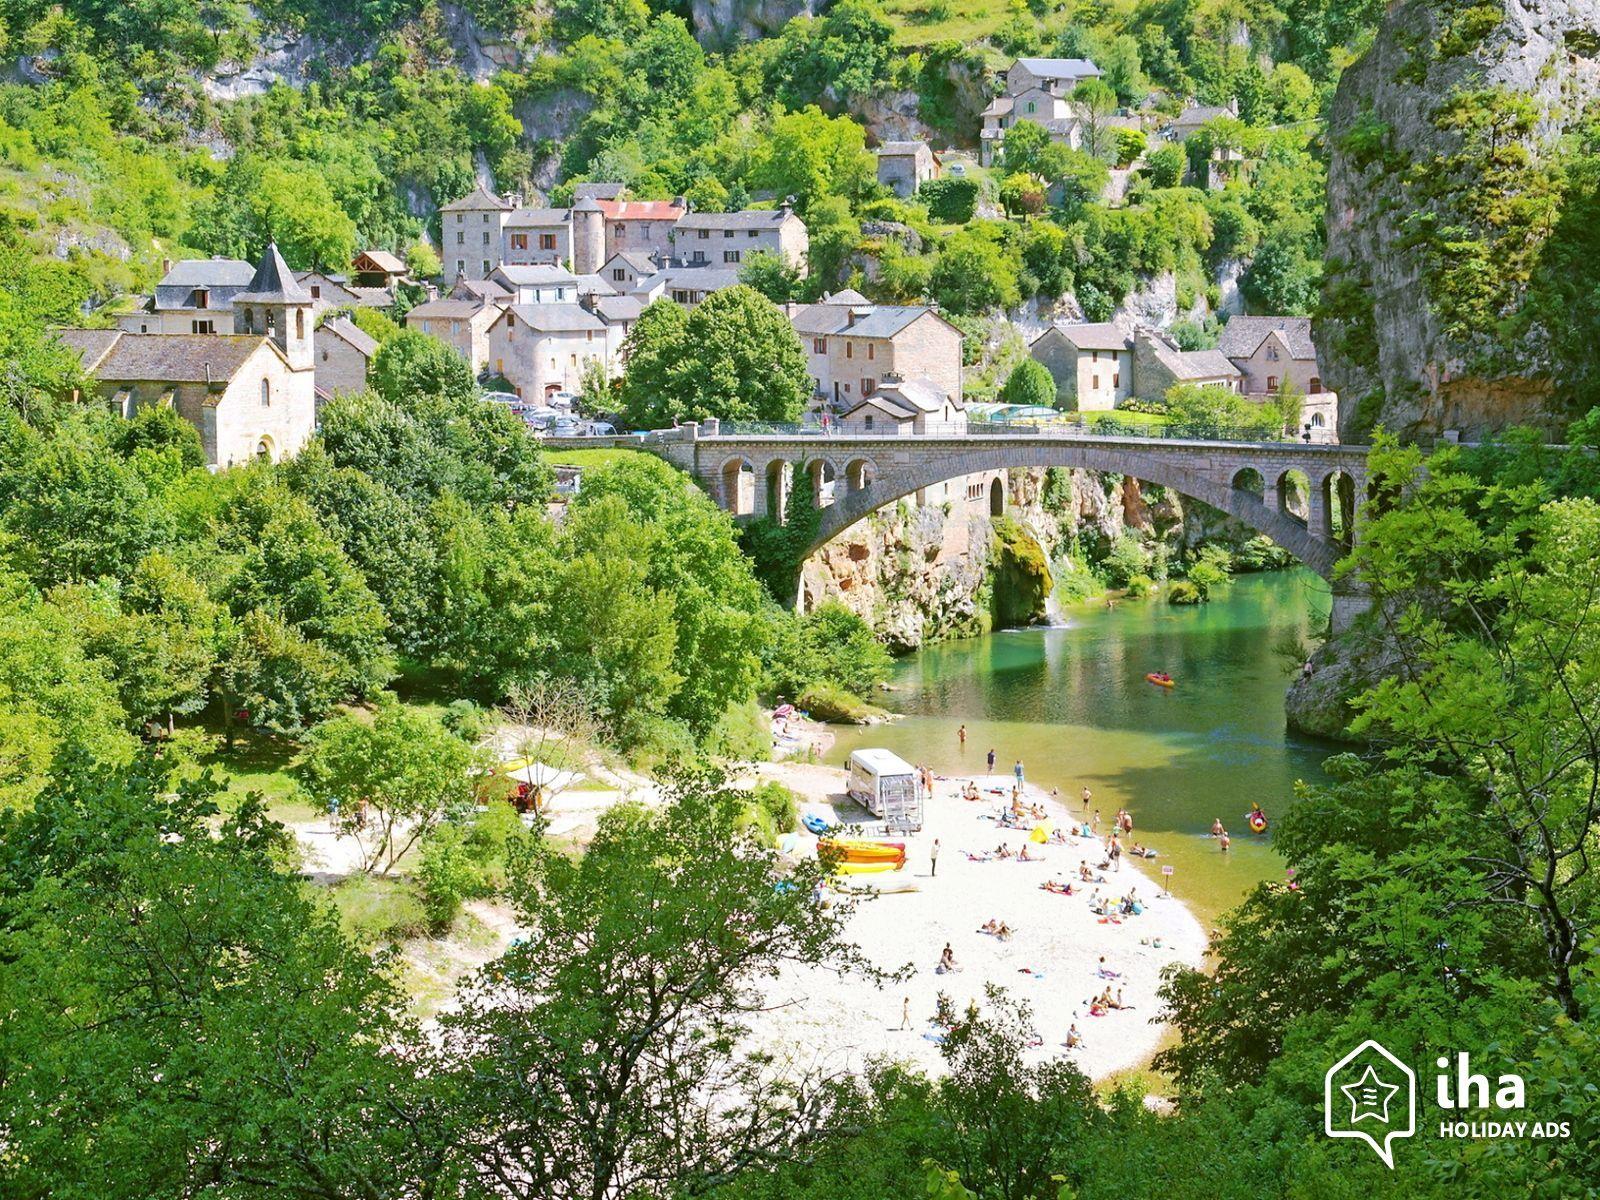 Sainte-enimie-Il-villaggio-di-saint-chely-du-tarn-in-prossimita